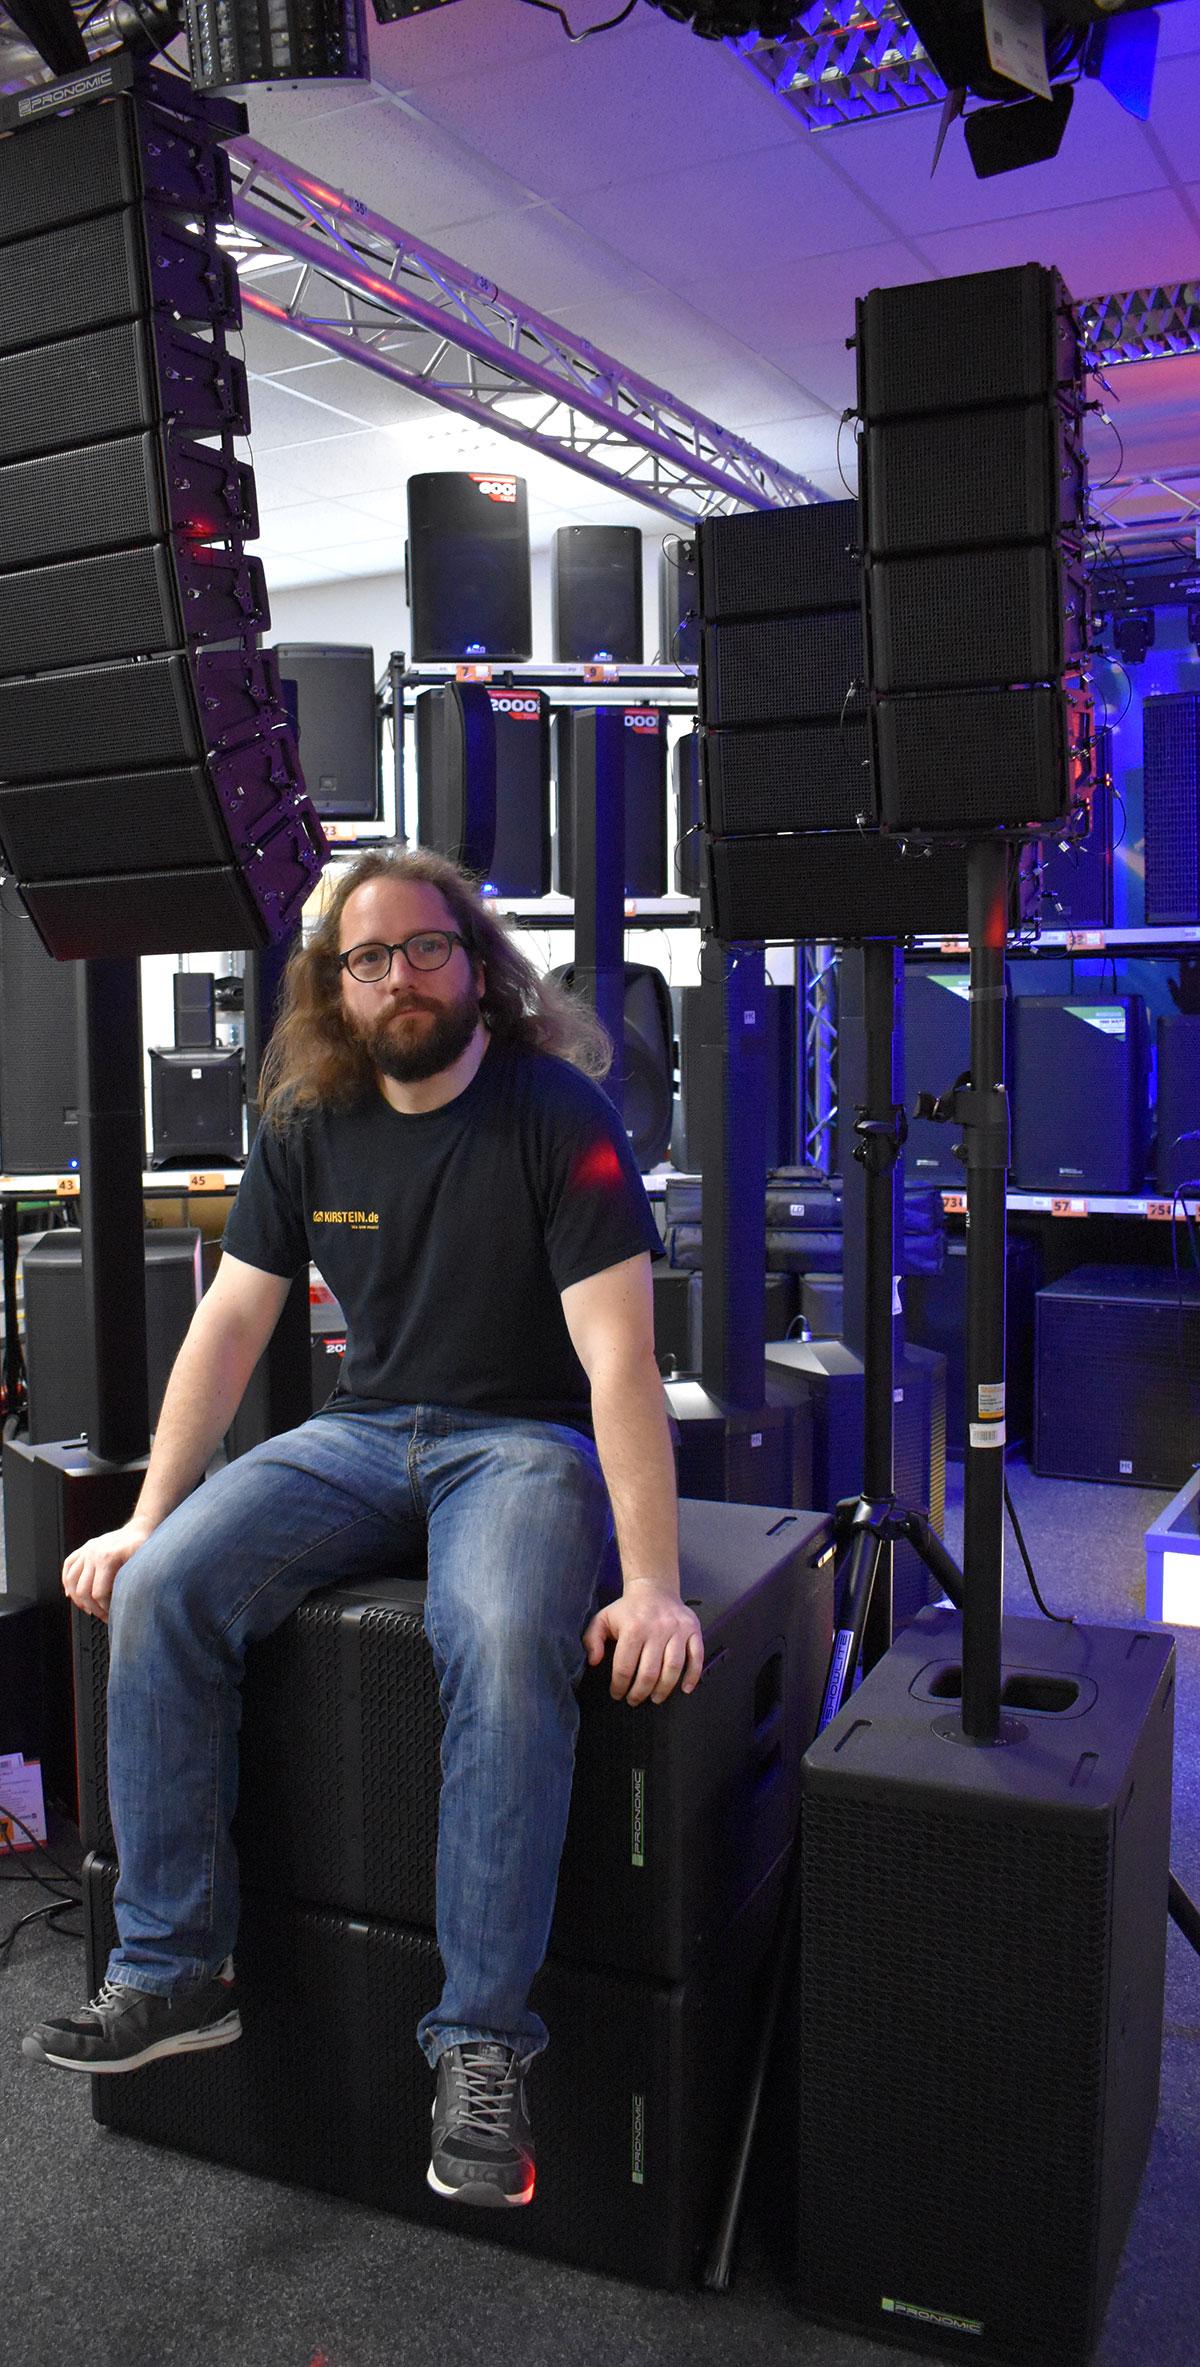 Ruben aus dem Kirstein-Team, sitzend auf Subwoofern, die zum Pronomic V-Array-System gehören.